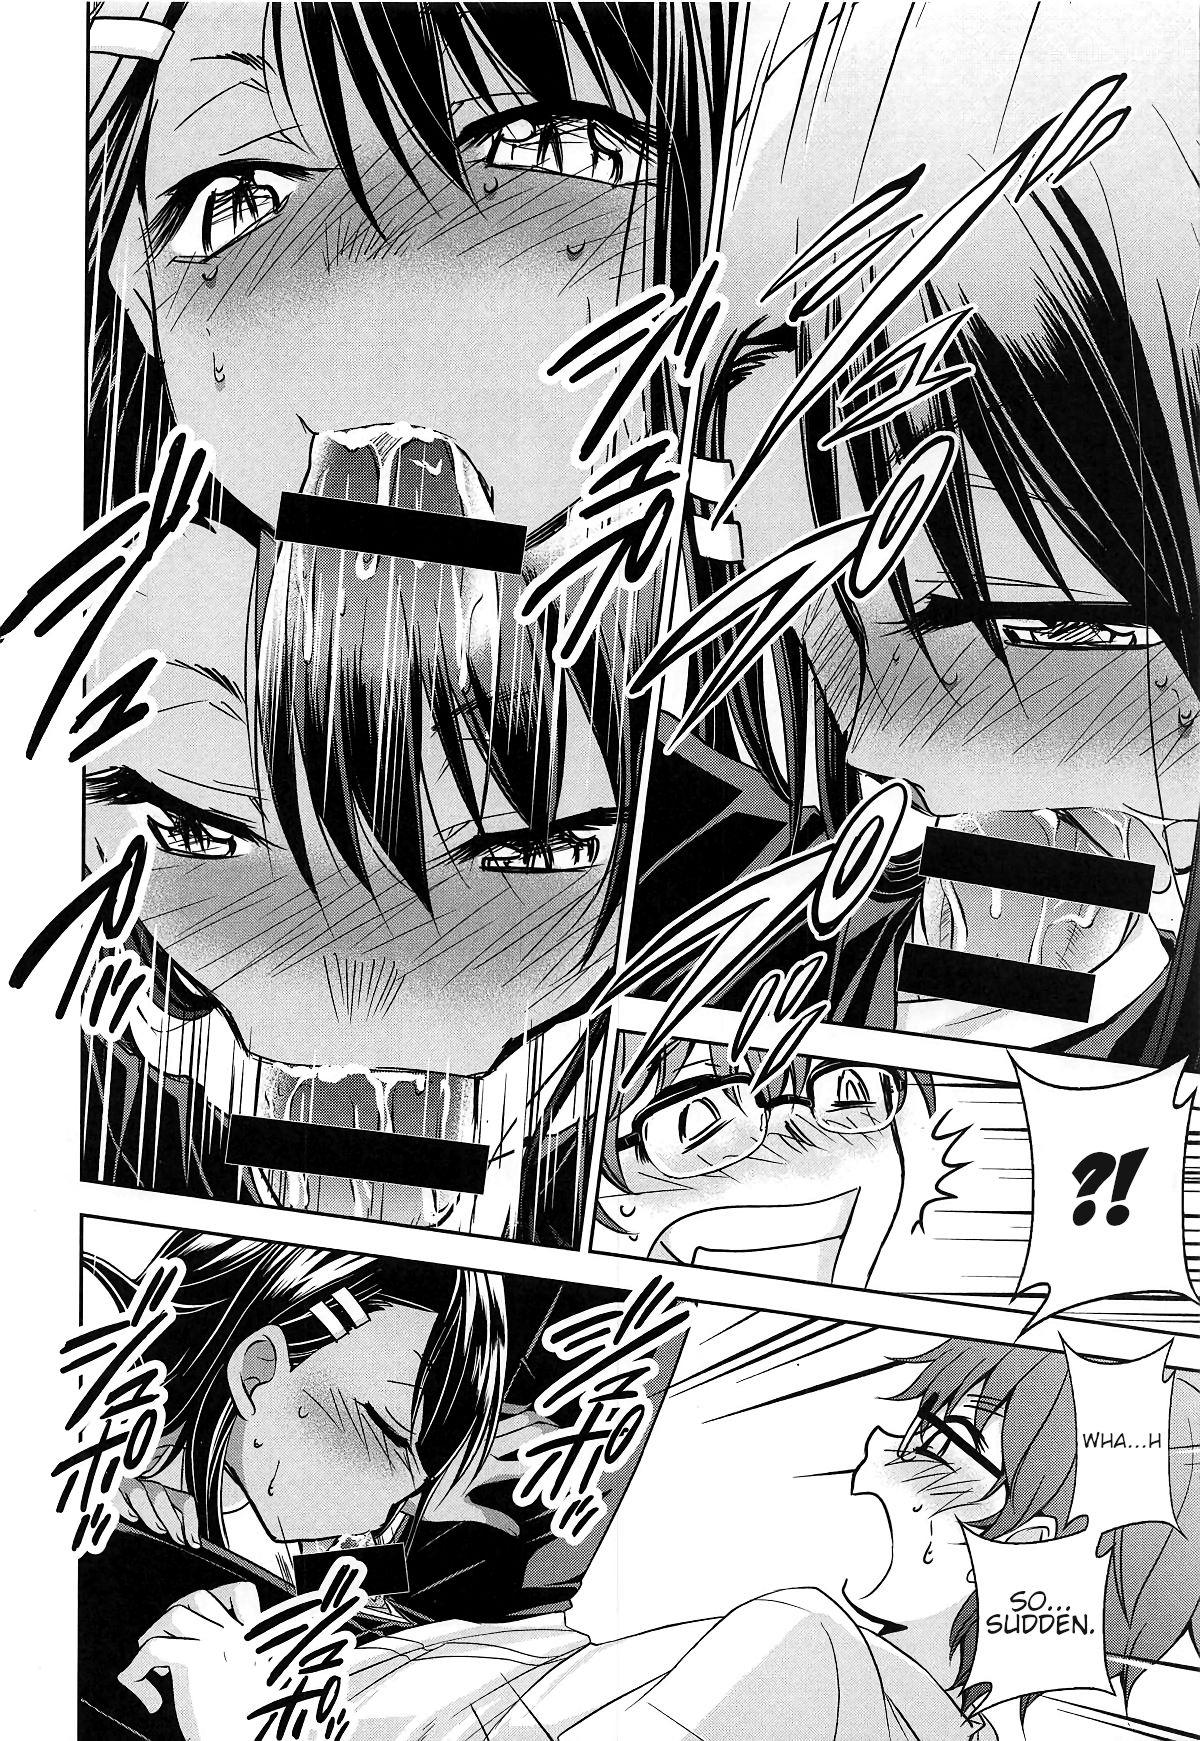 (C95) [Studio KIMIGABUCHI (Kimimaru)] Ijirimakutte, Nagatoro-san 2 | Don't play with me, Nagatoro-san 2 (Ijiranaide, Nagatoro-san) [English] [Naizuri | VenEttore] 10